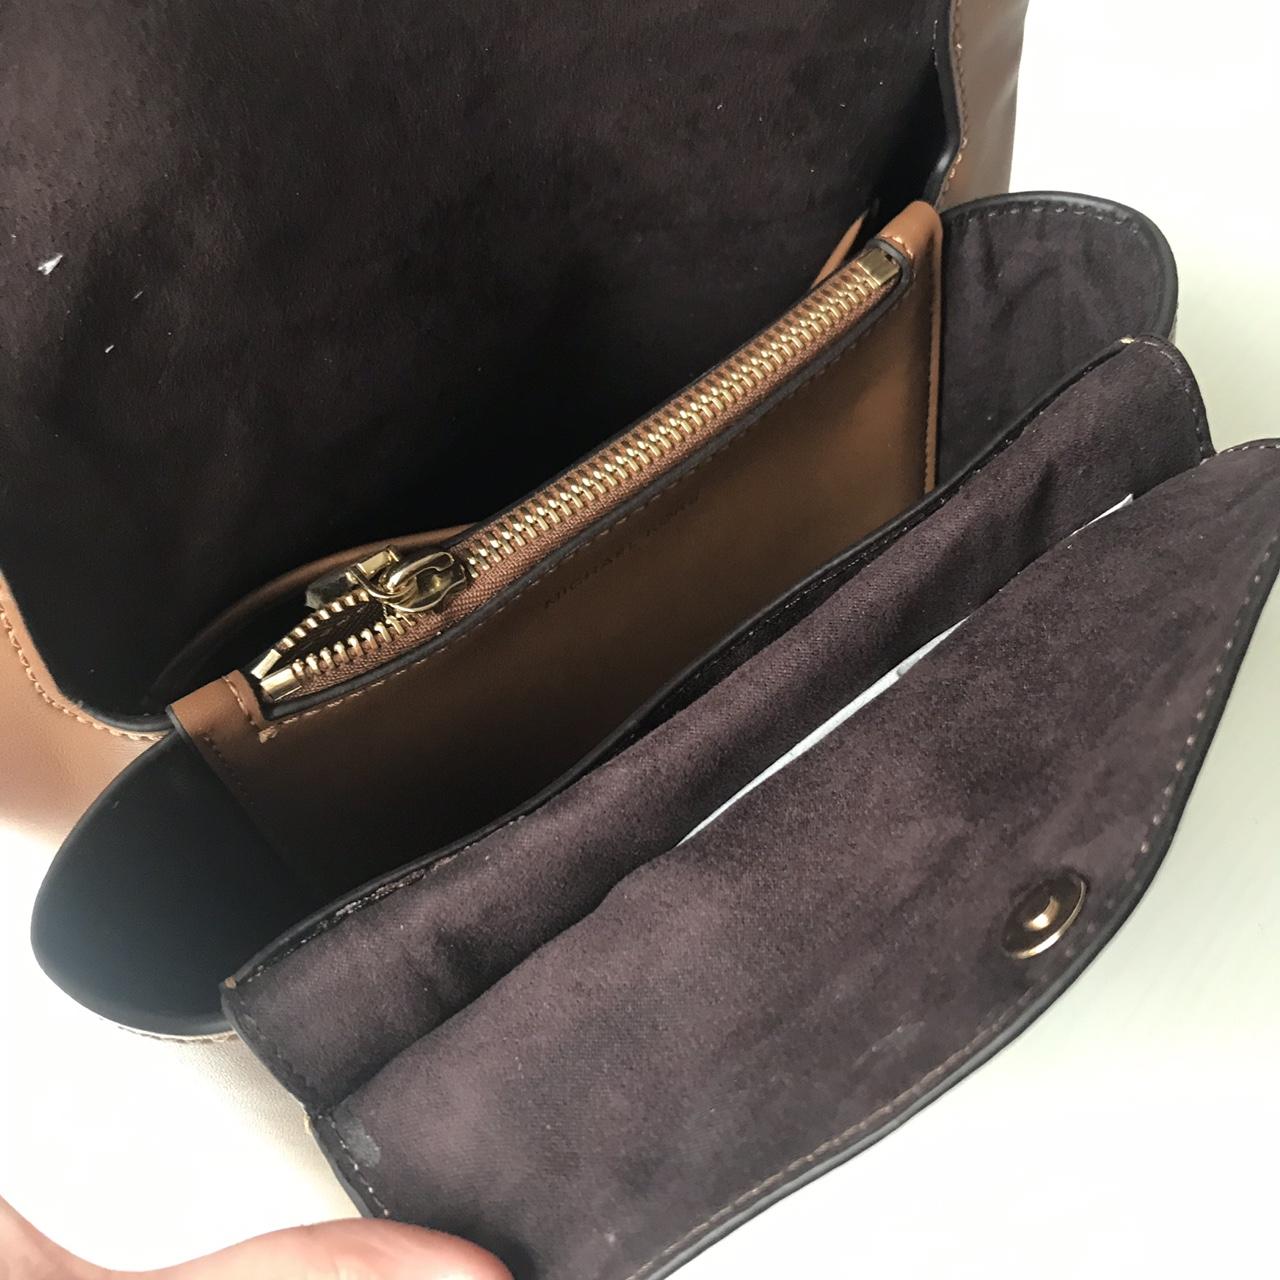 MK包包价格 迈克科尔斯2019专柜新款棕色纳帕牛皮女包单肩斜挎包小中号